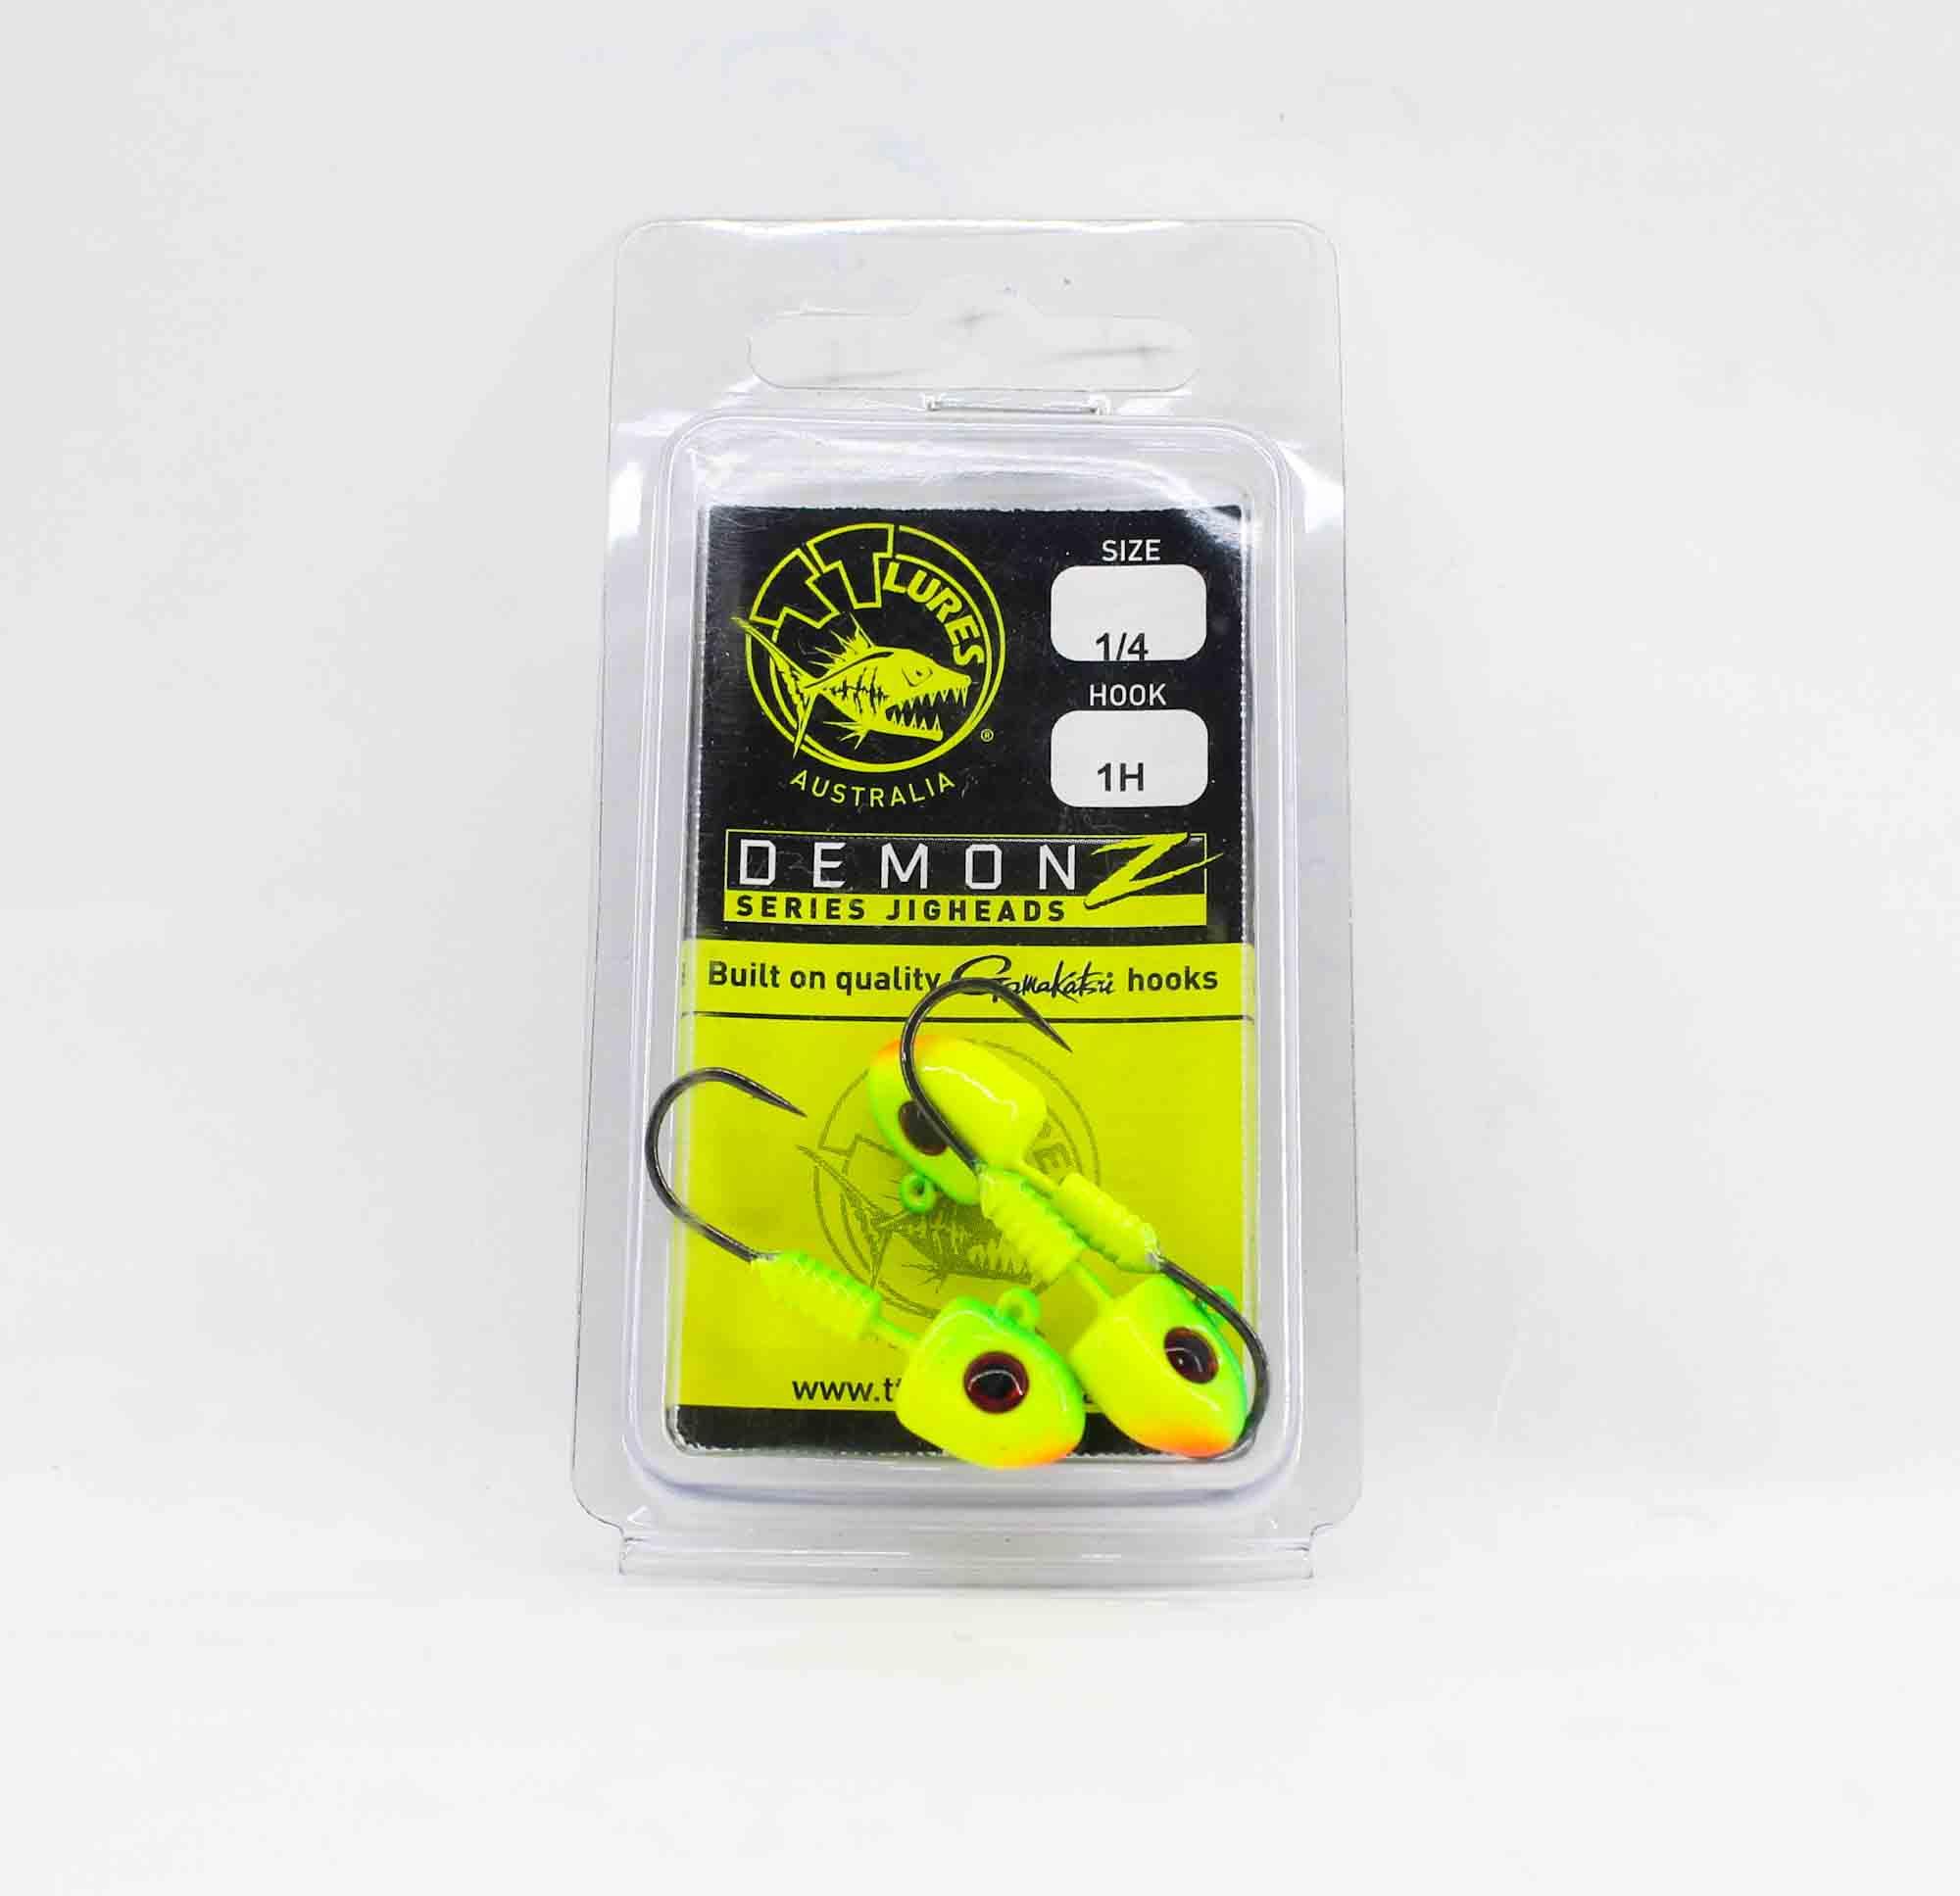 Tackle Tactics TT Demonz Jig Head 1/4 oz 1H 3 per pack Chartreuse (7754)